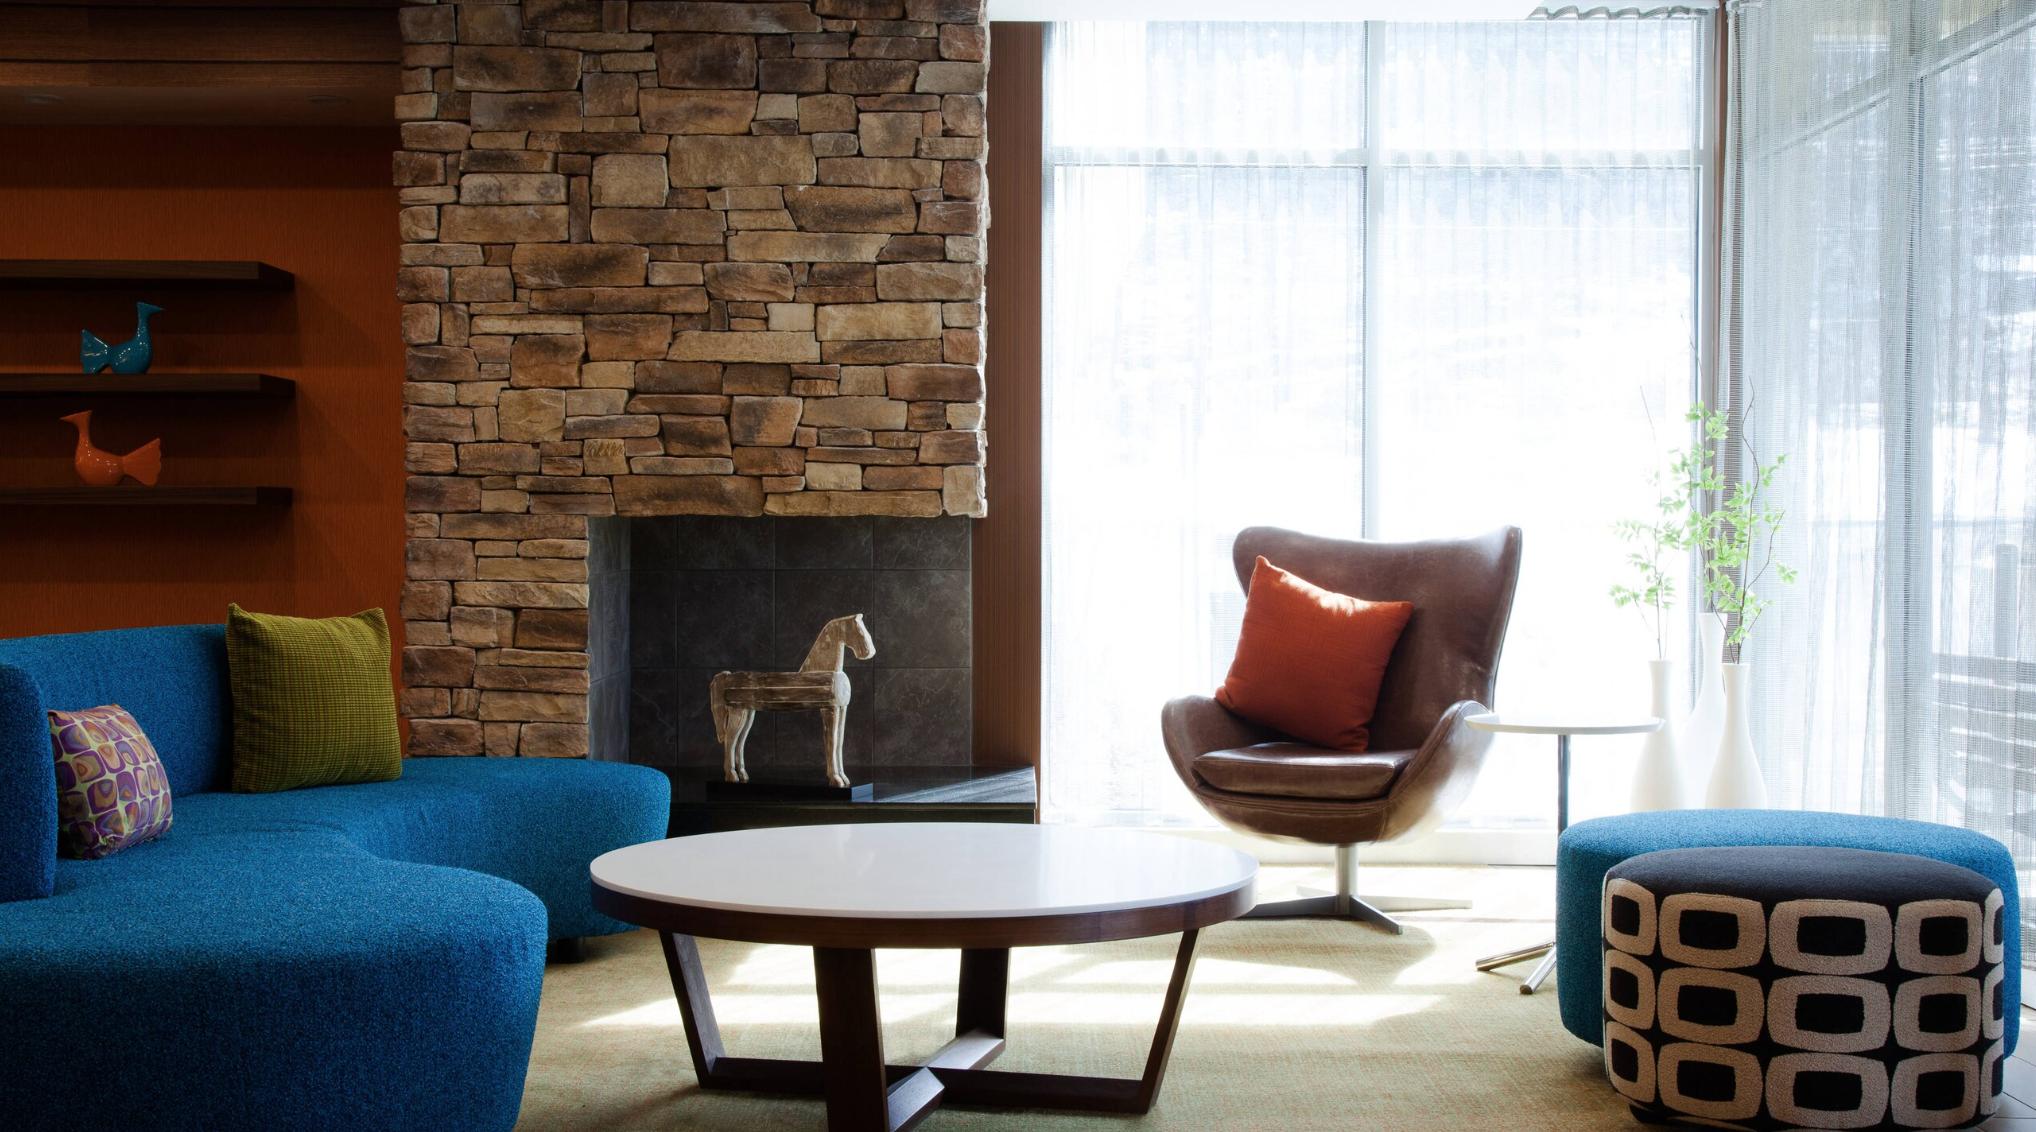 Fairfield Inn & Suites - 359 Elmira Road(607) 277-1000